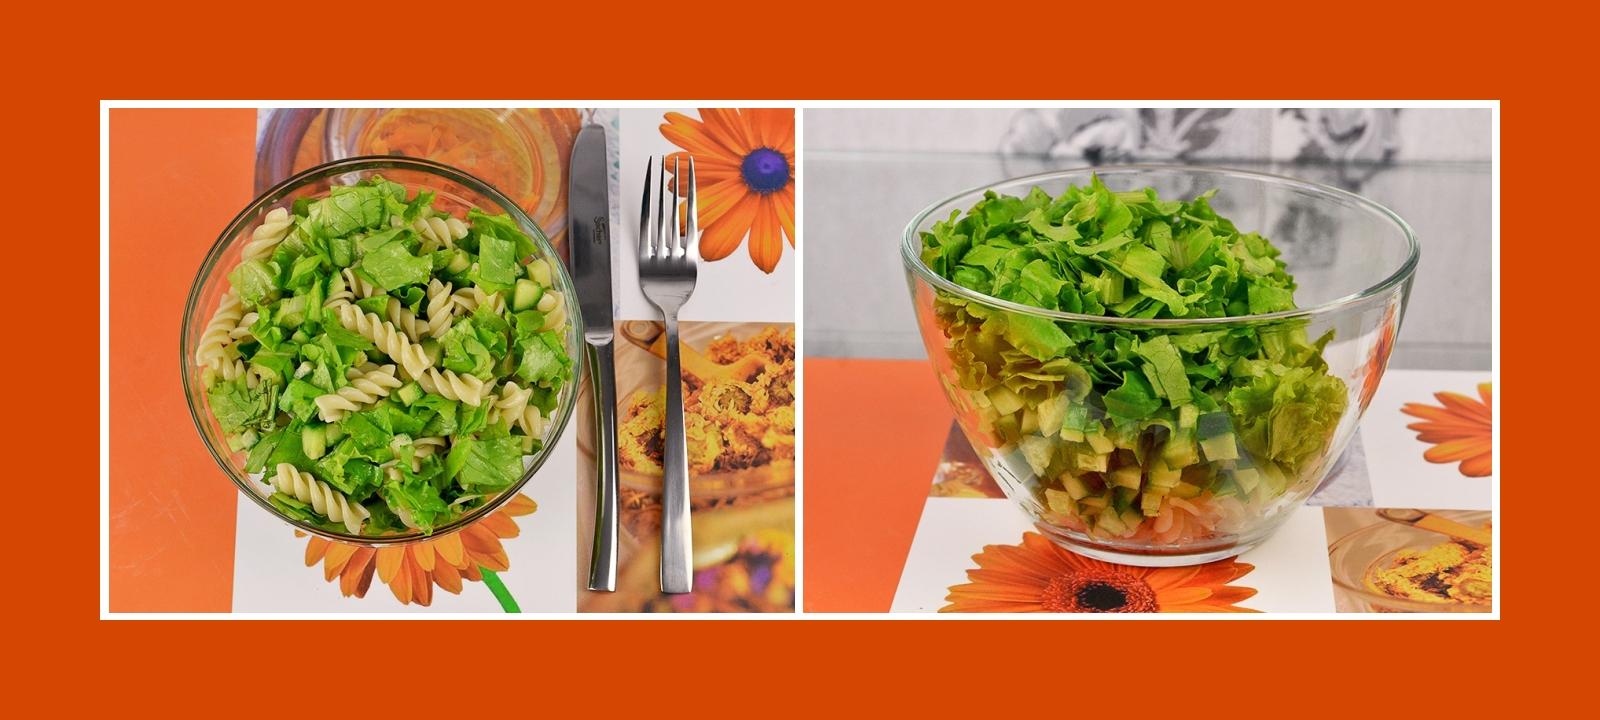 Nudelsalat mit Salatblättern und Gurken